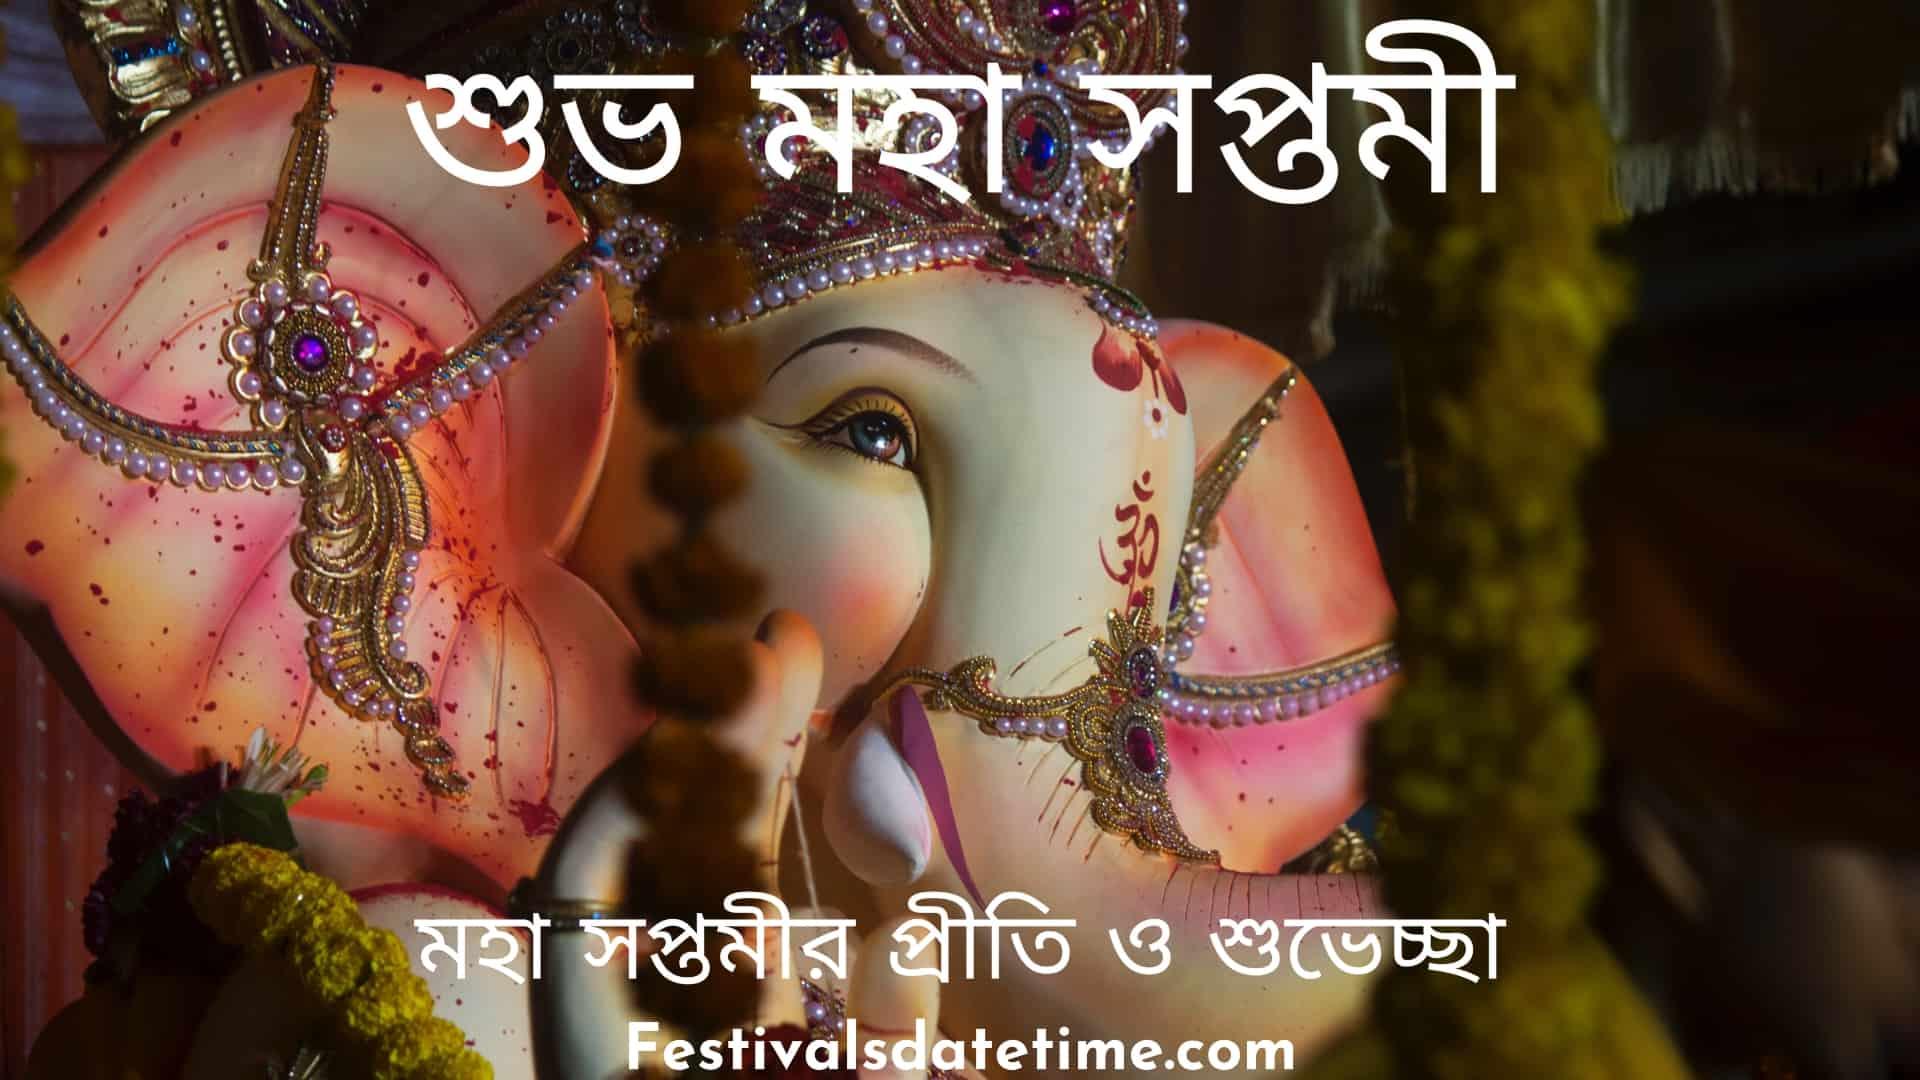 maha_saptami_image_download